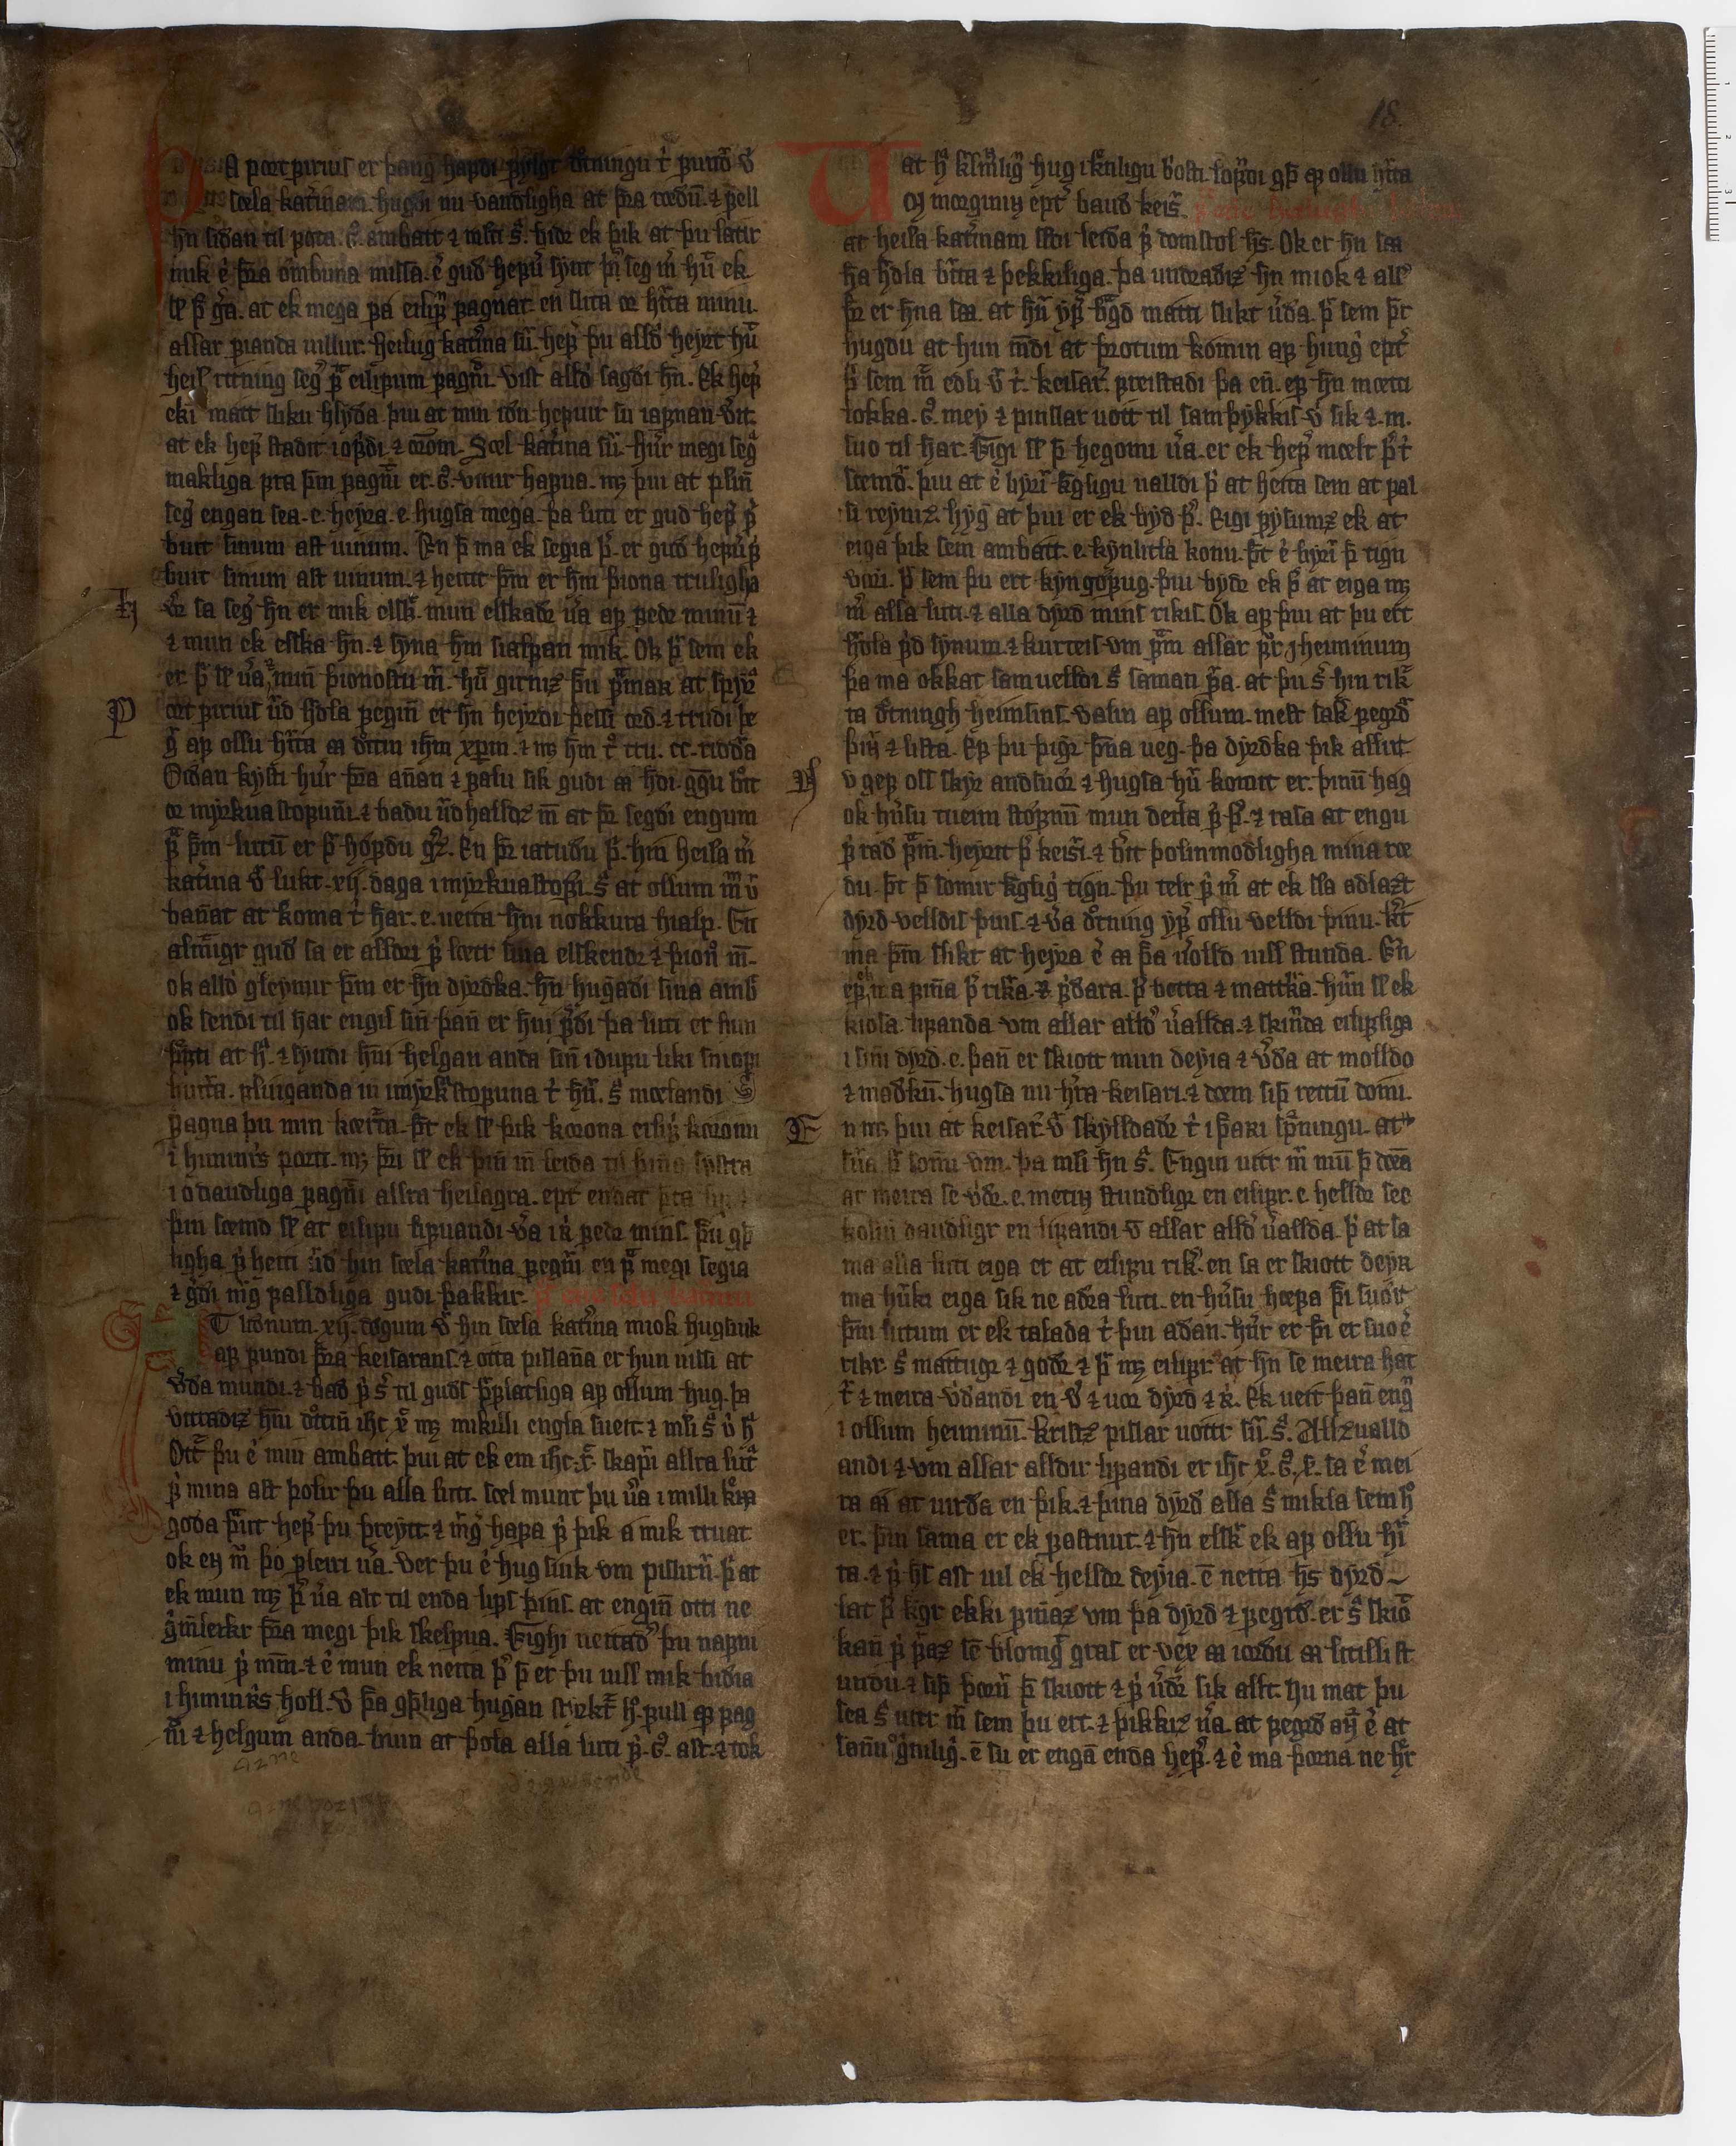 AM 233 a fol - 18r